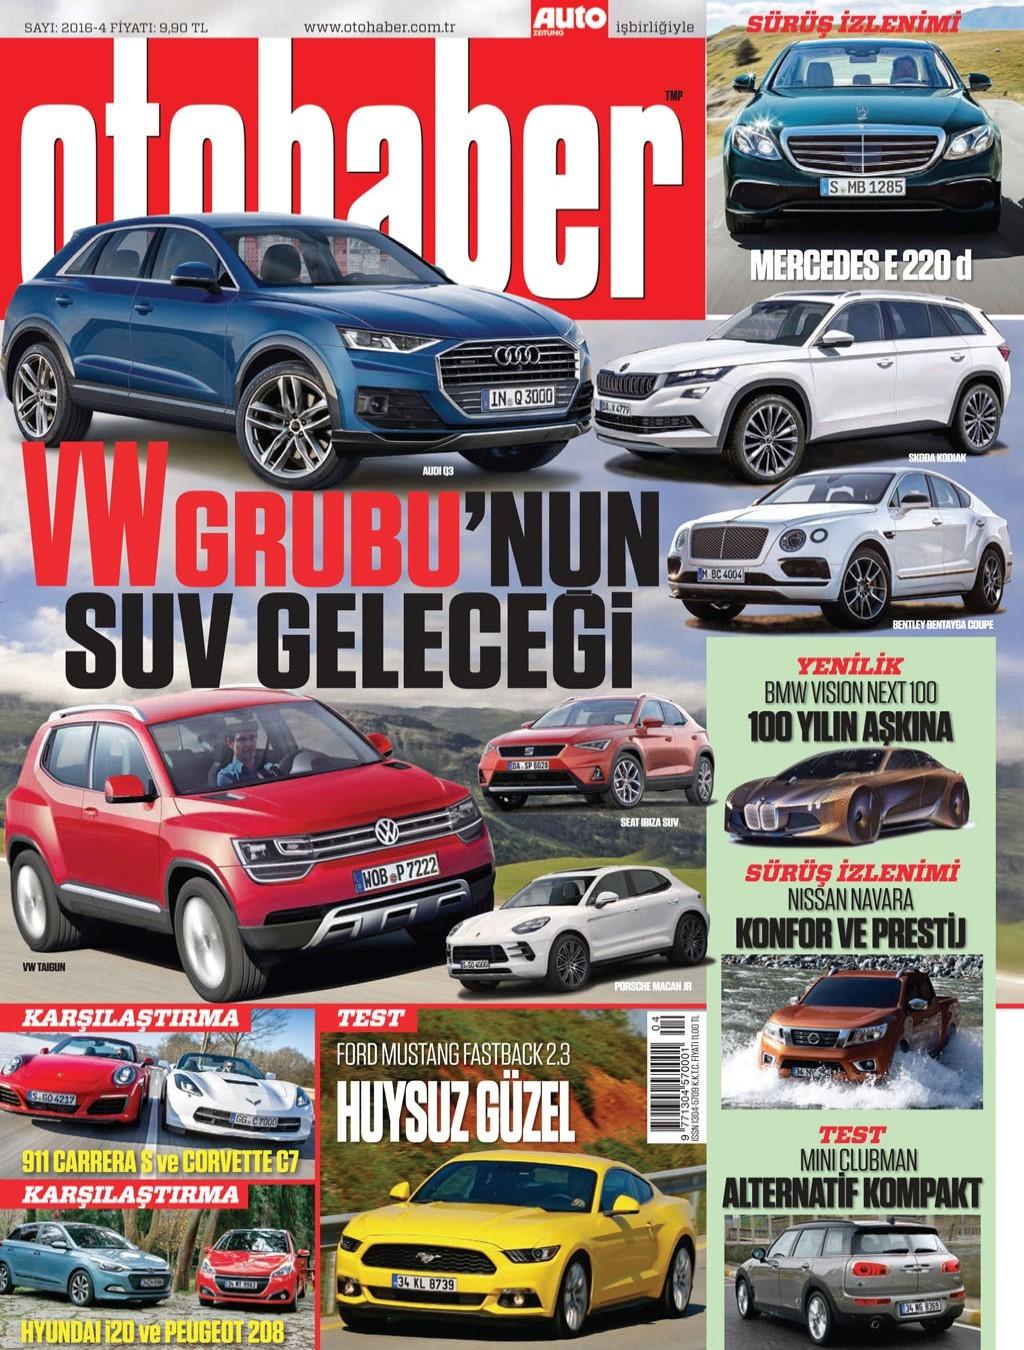 Otohaber Nisan E-dergi indir Sandalca.com